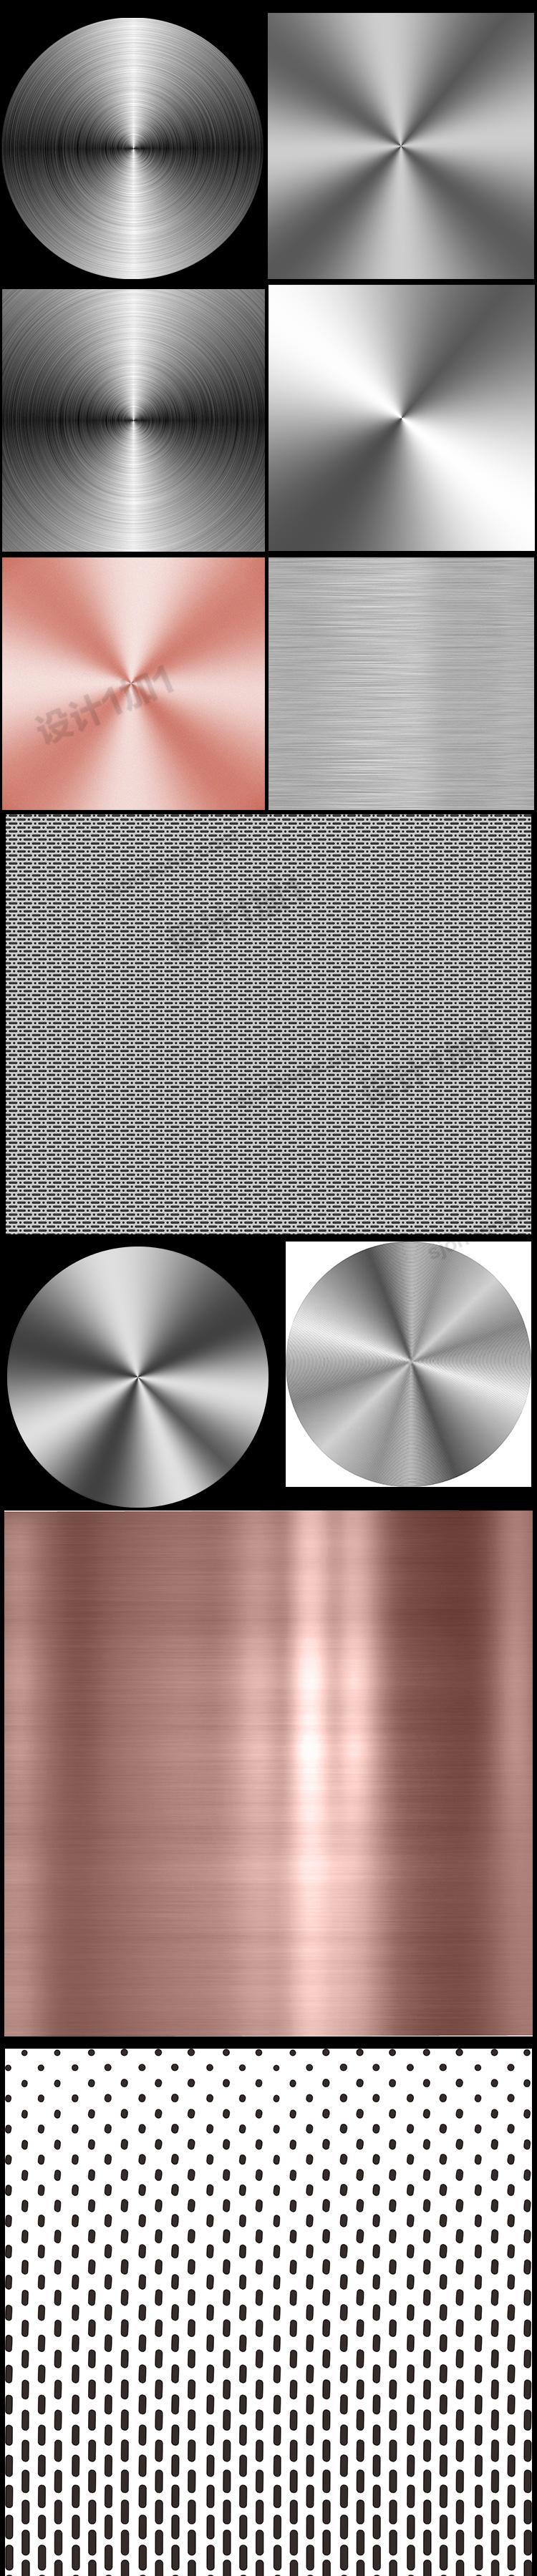 金属拉丝材质贴图不锈钢磨砂拉丝抛光金属纹理背景